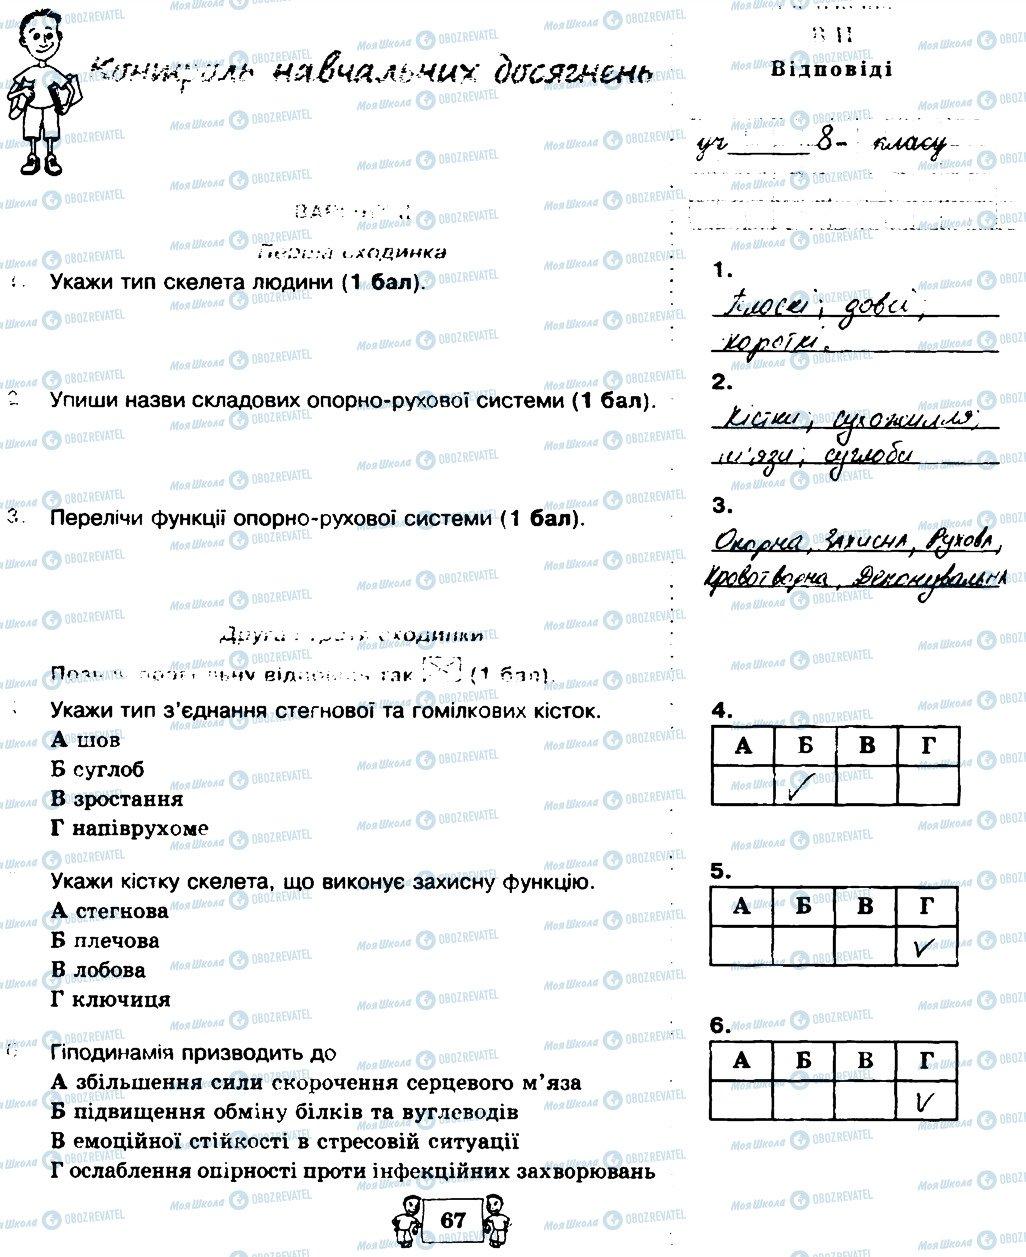 ГДЗ Биология 8 класс страница 67